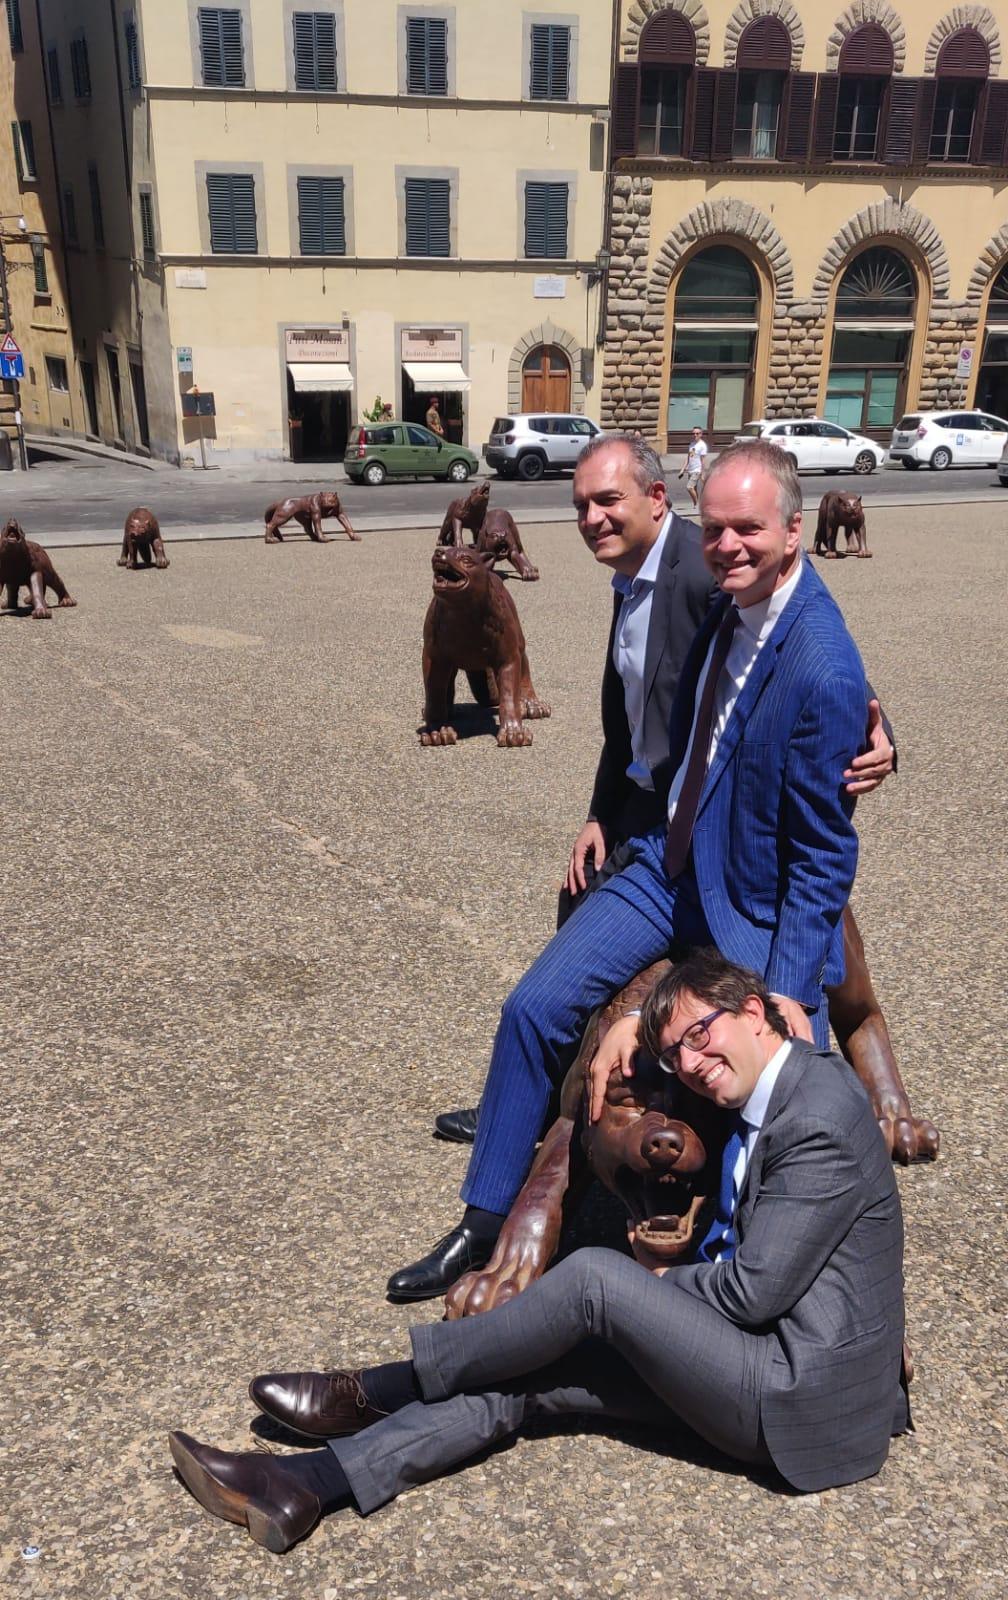 Nardella, de Magistris e Schmidt divertiti con un lupo di Liu Ruowang